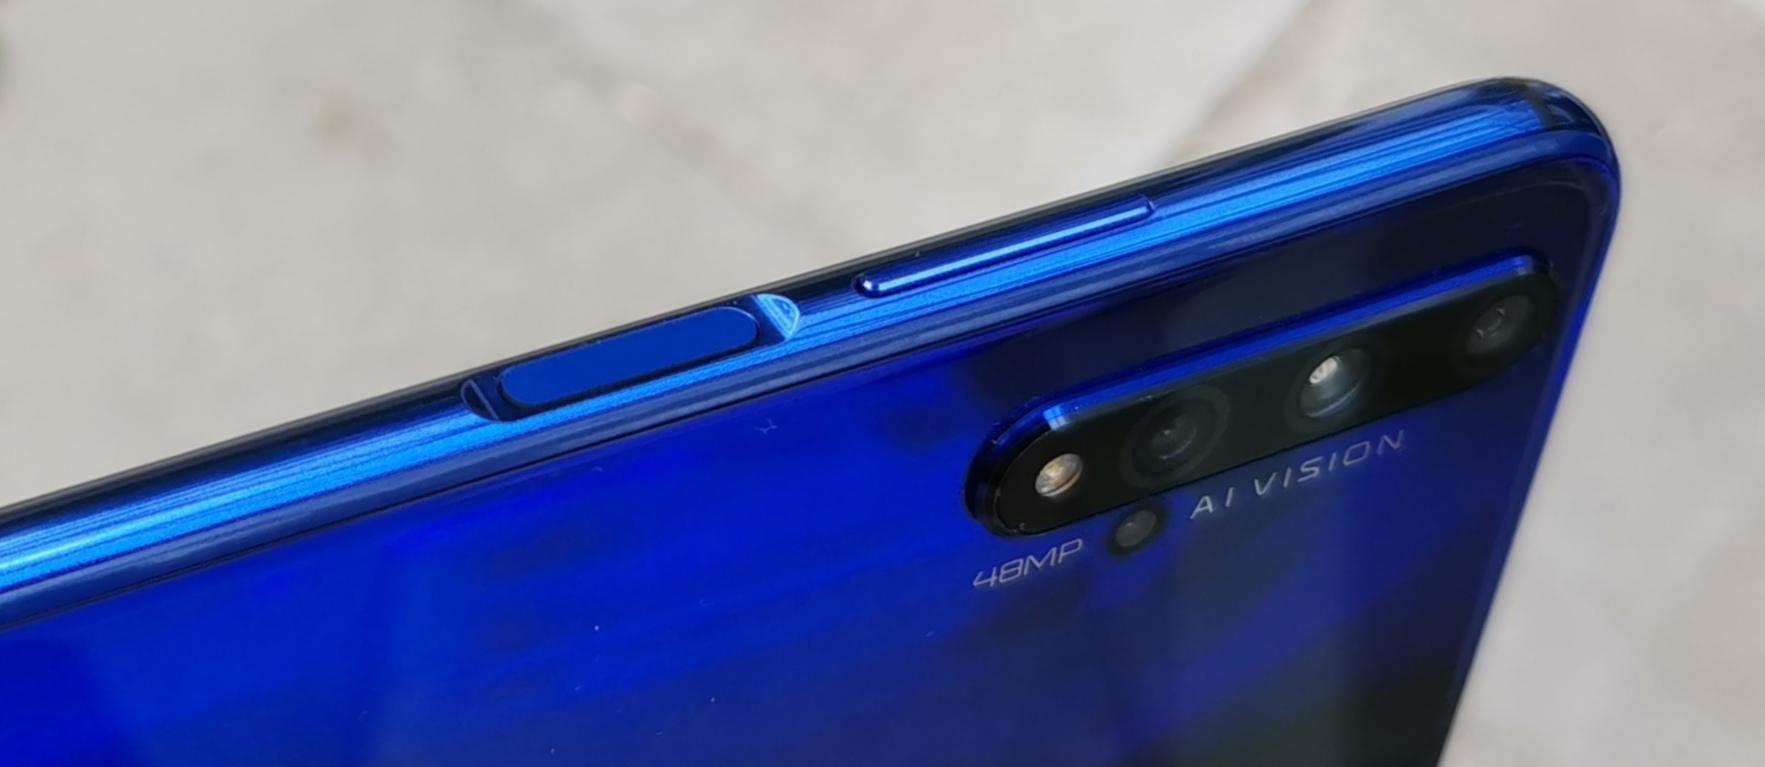 Xiaomi Mi 9T, pääkamera.